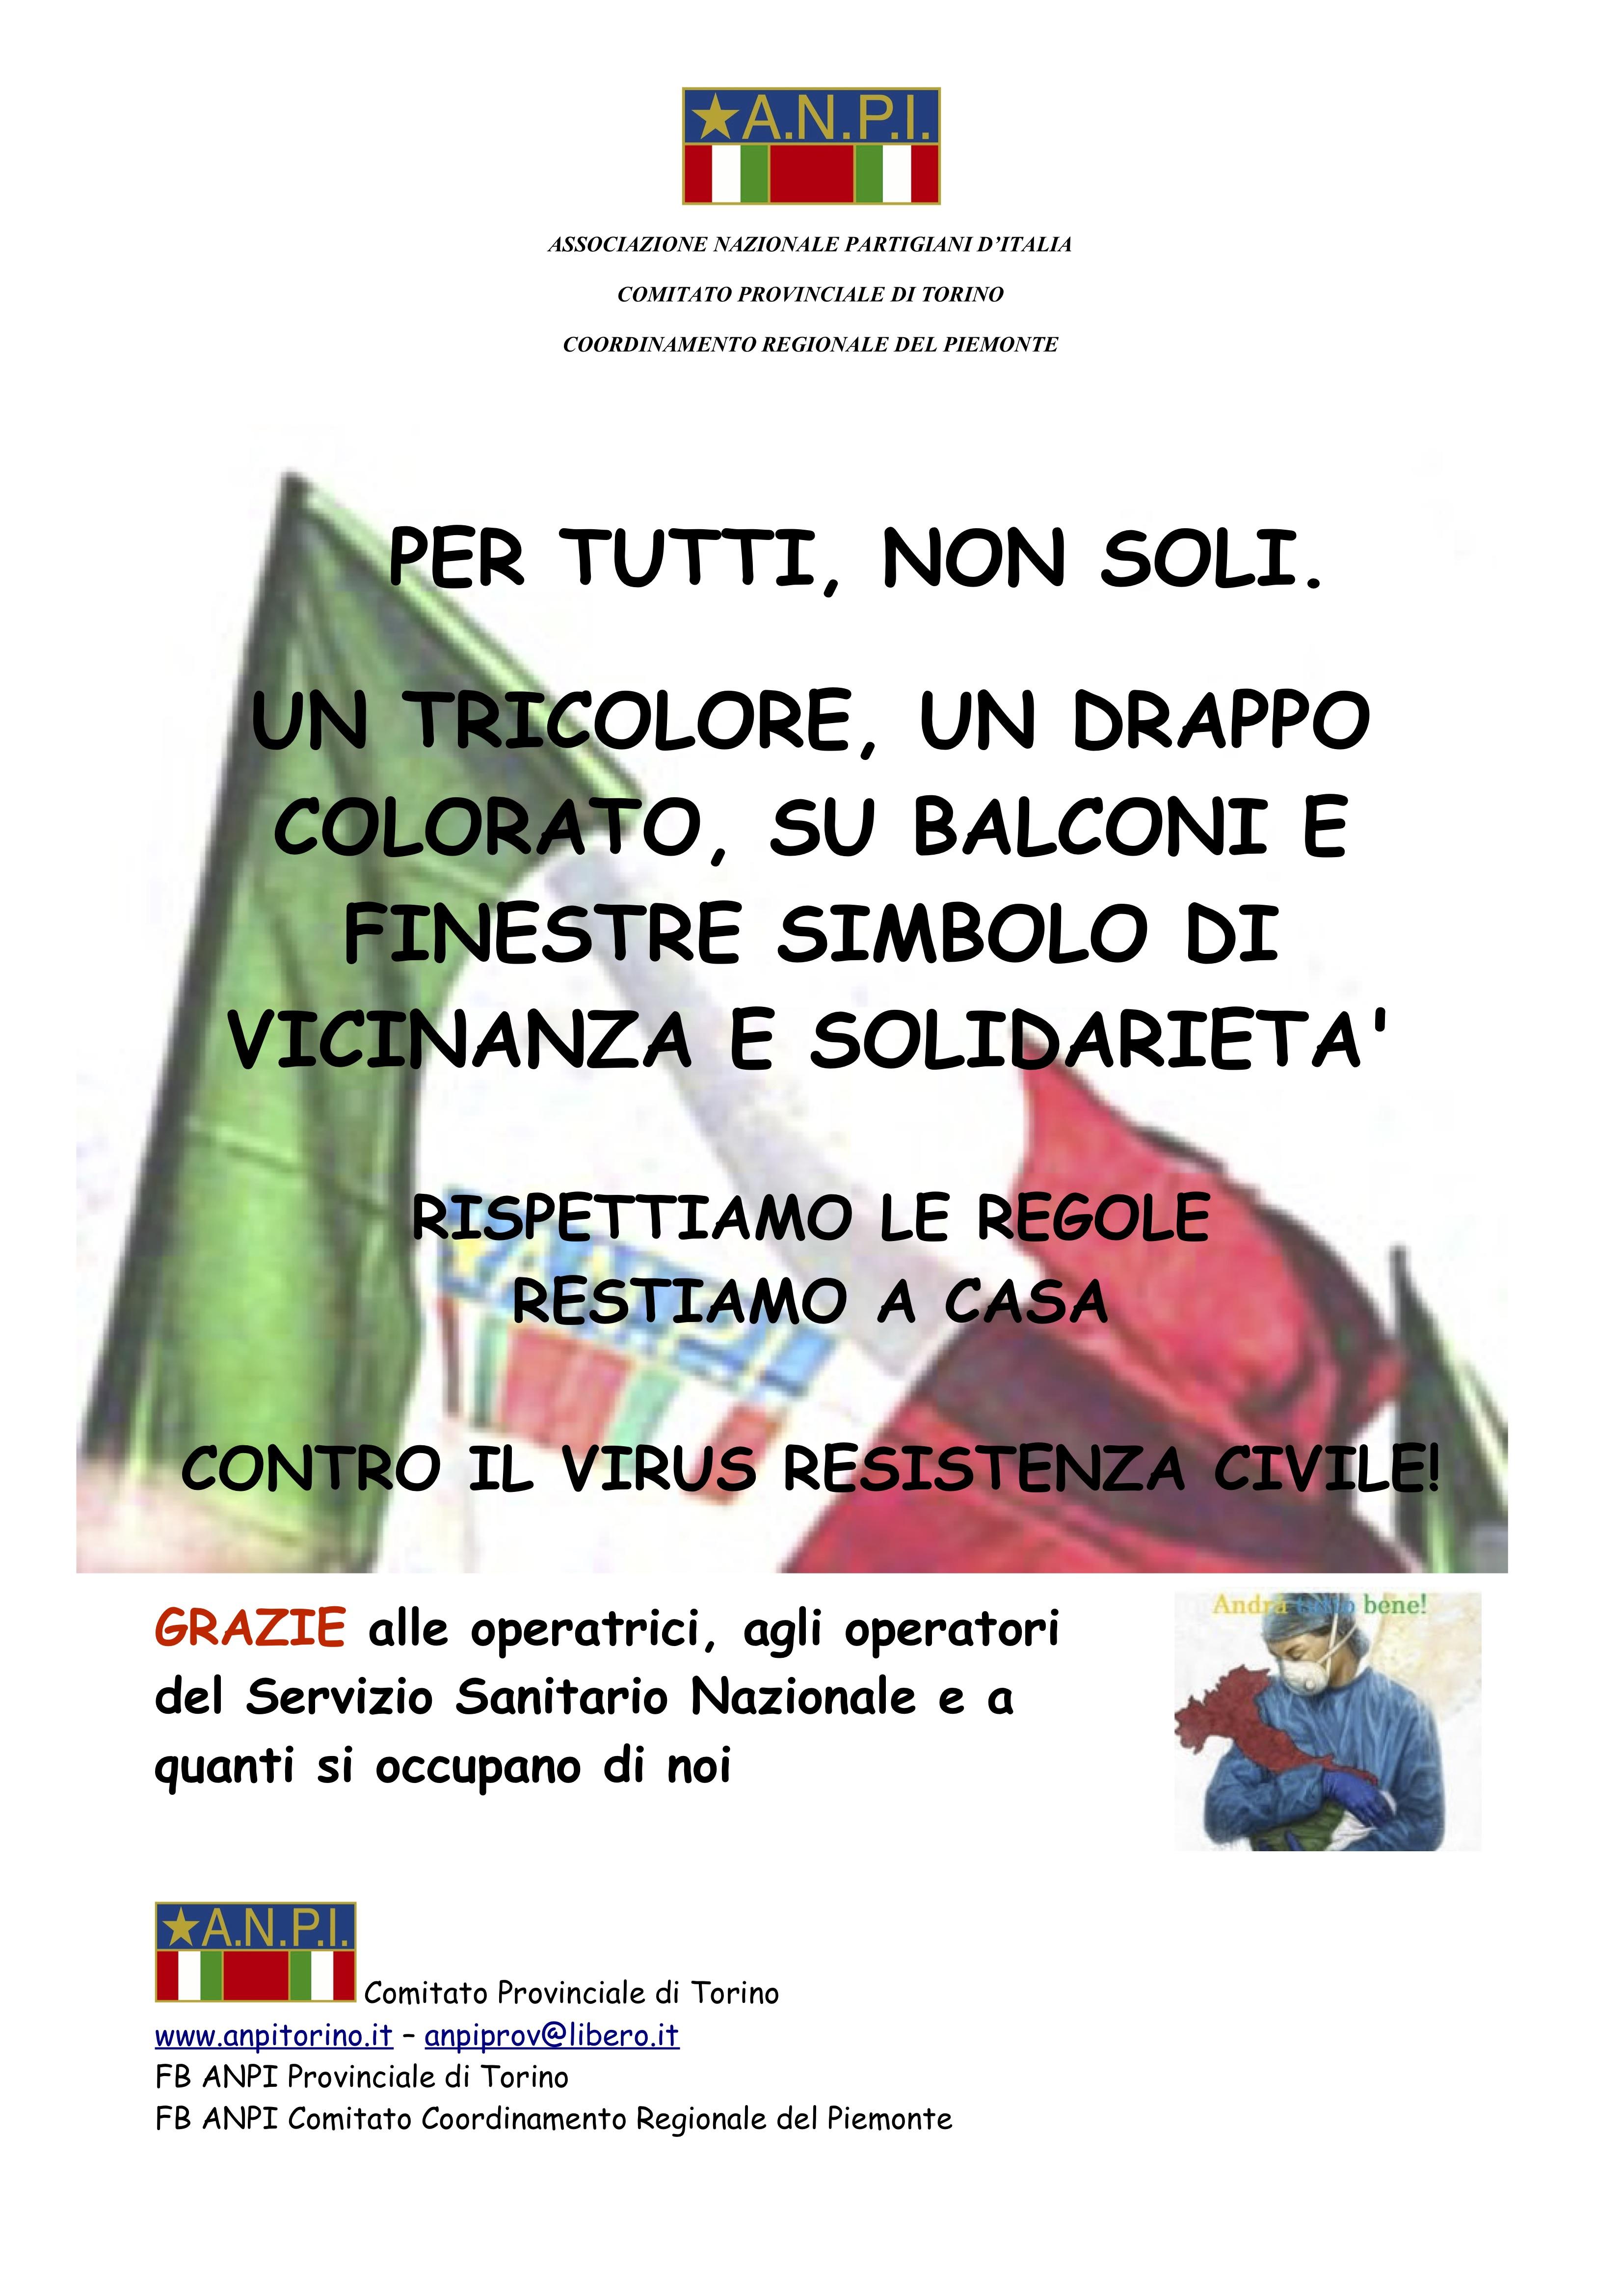 16-03-2020 Volantino tricolore